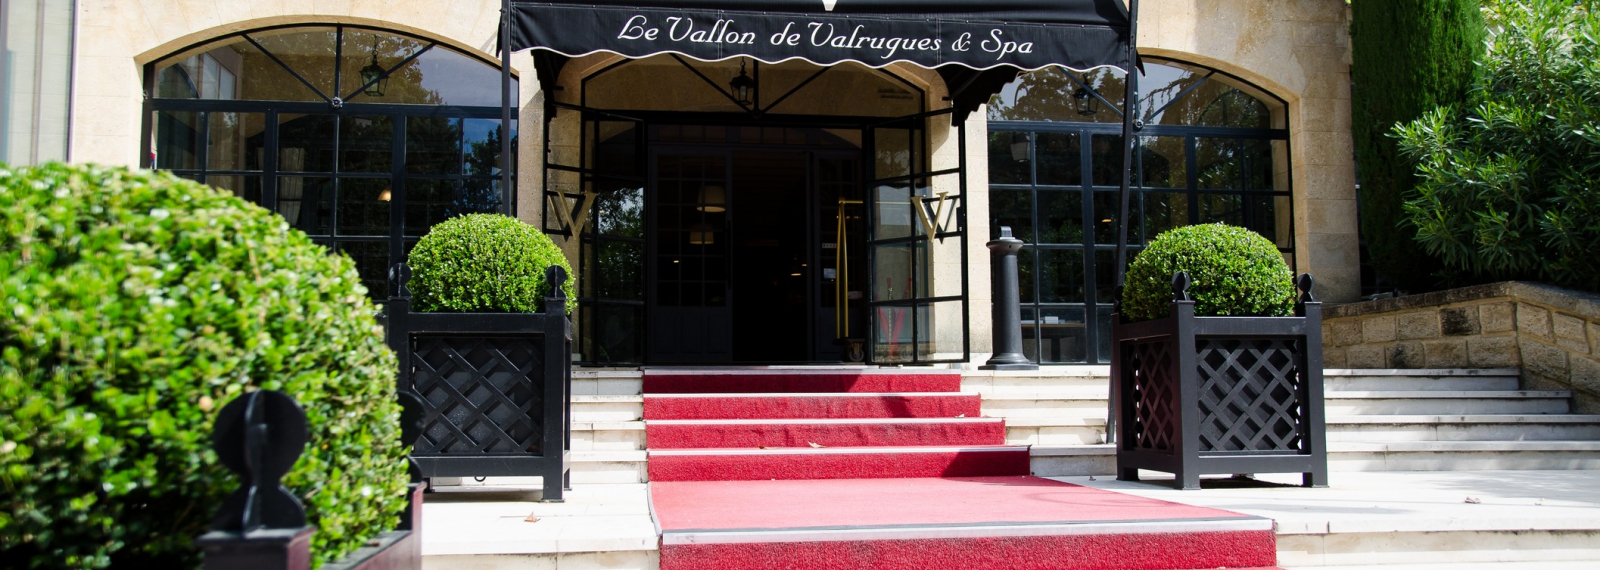 Hôtel le Vallon de Valrugues & spa à Saint-Rémy-de-Provence